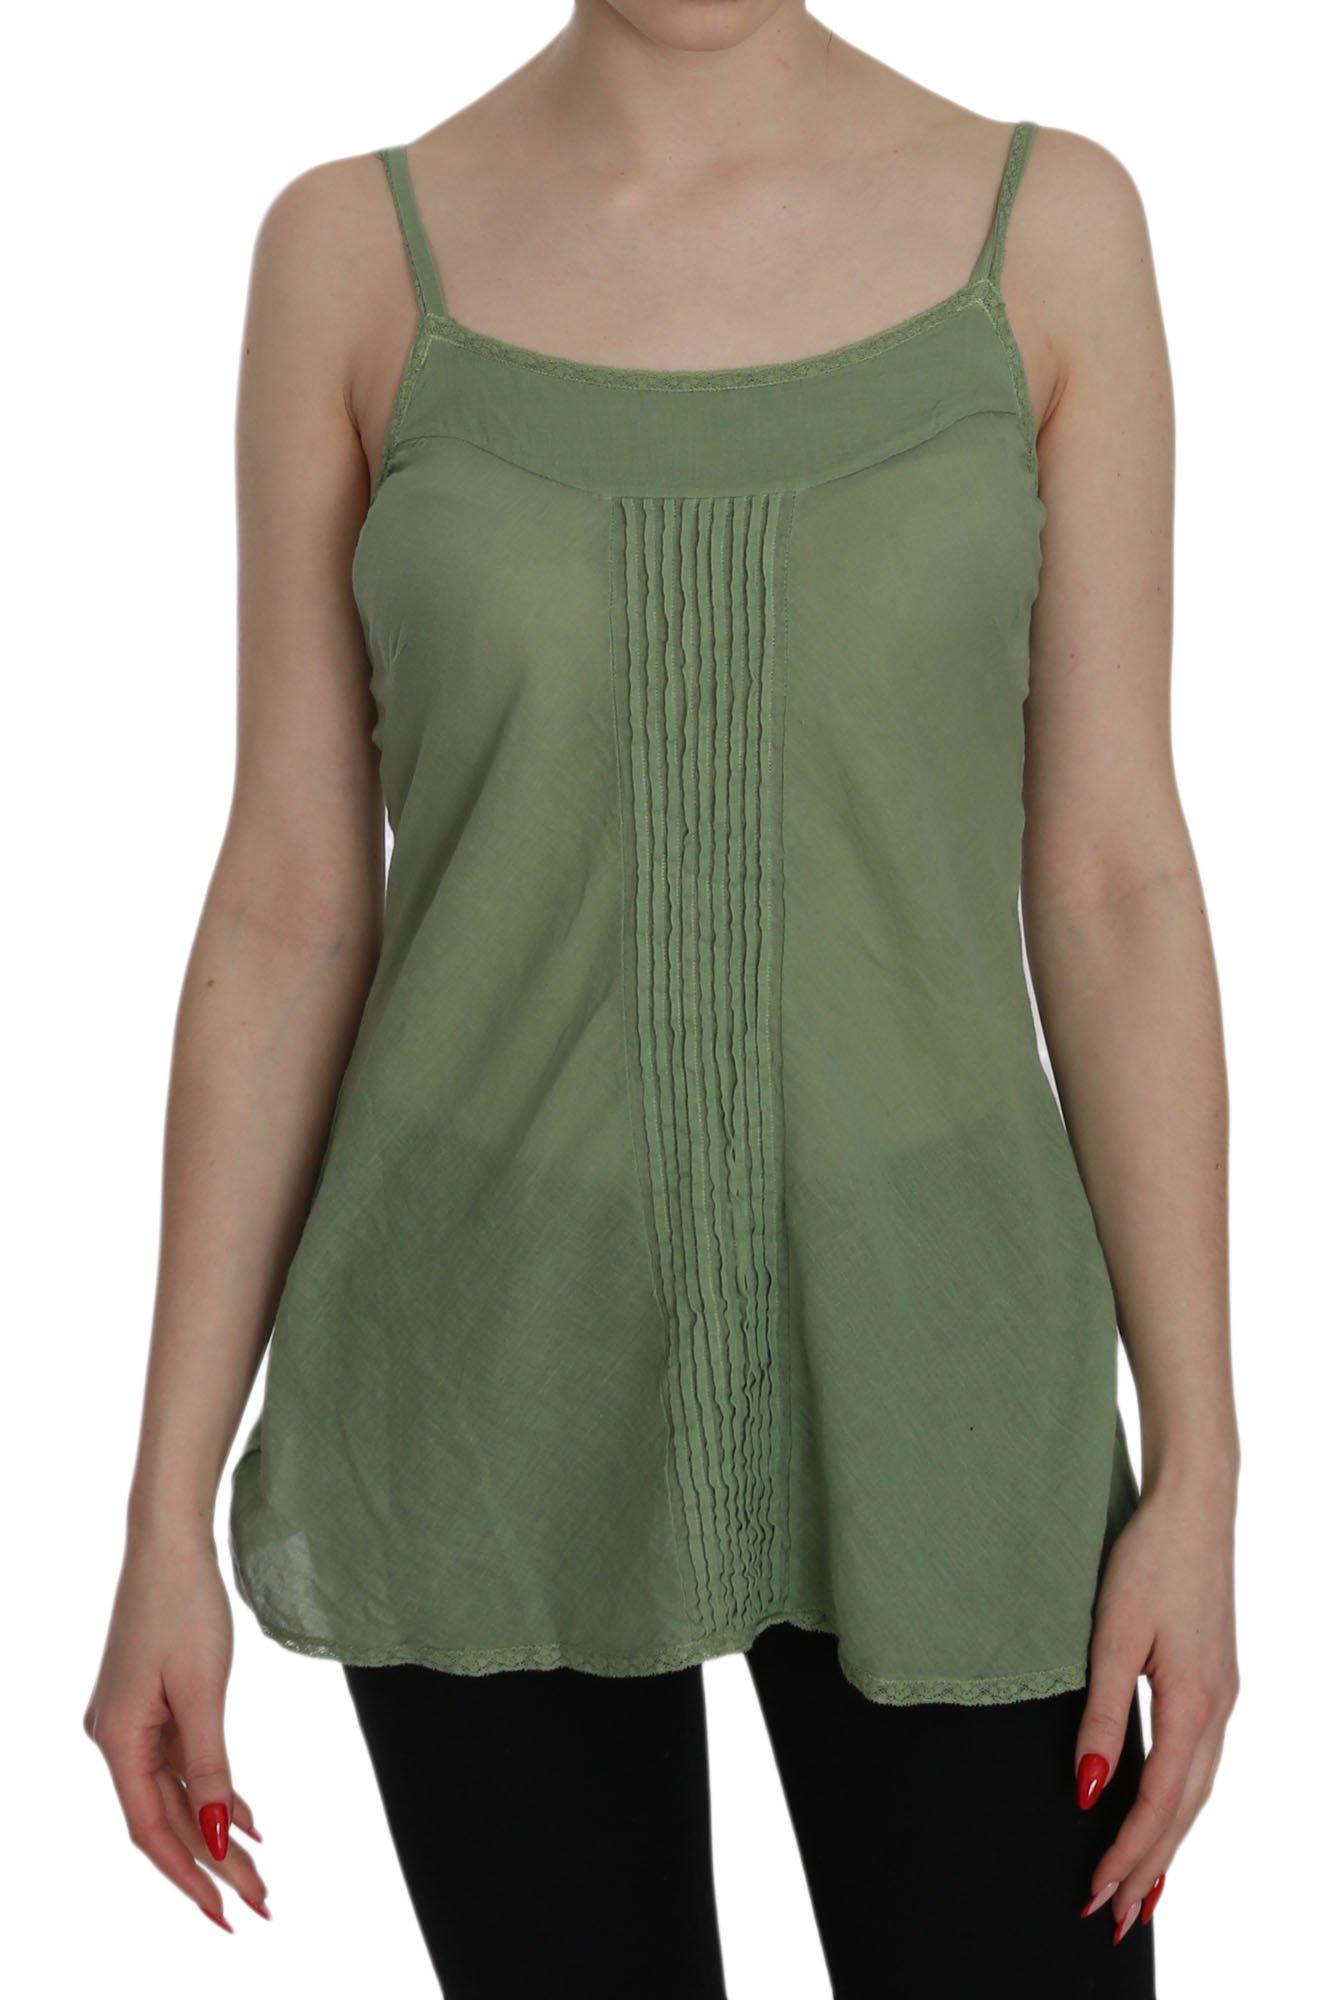 PINK MEMORIES Women's Silk Spaghetti Strap Tank Top Green TSH3441 - IT42|M